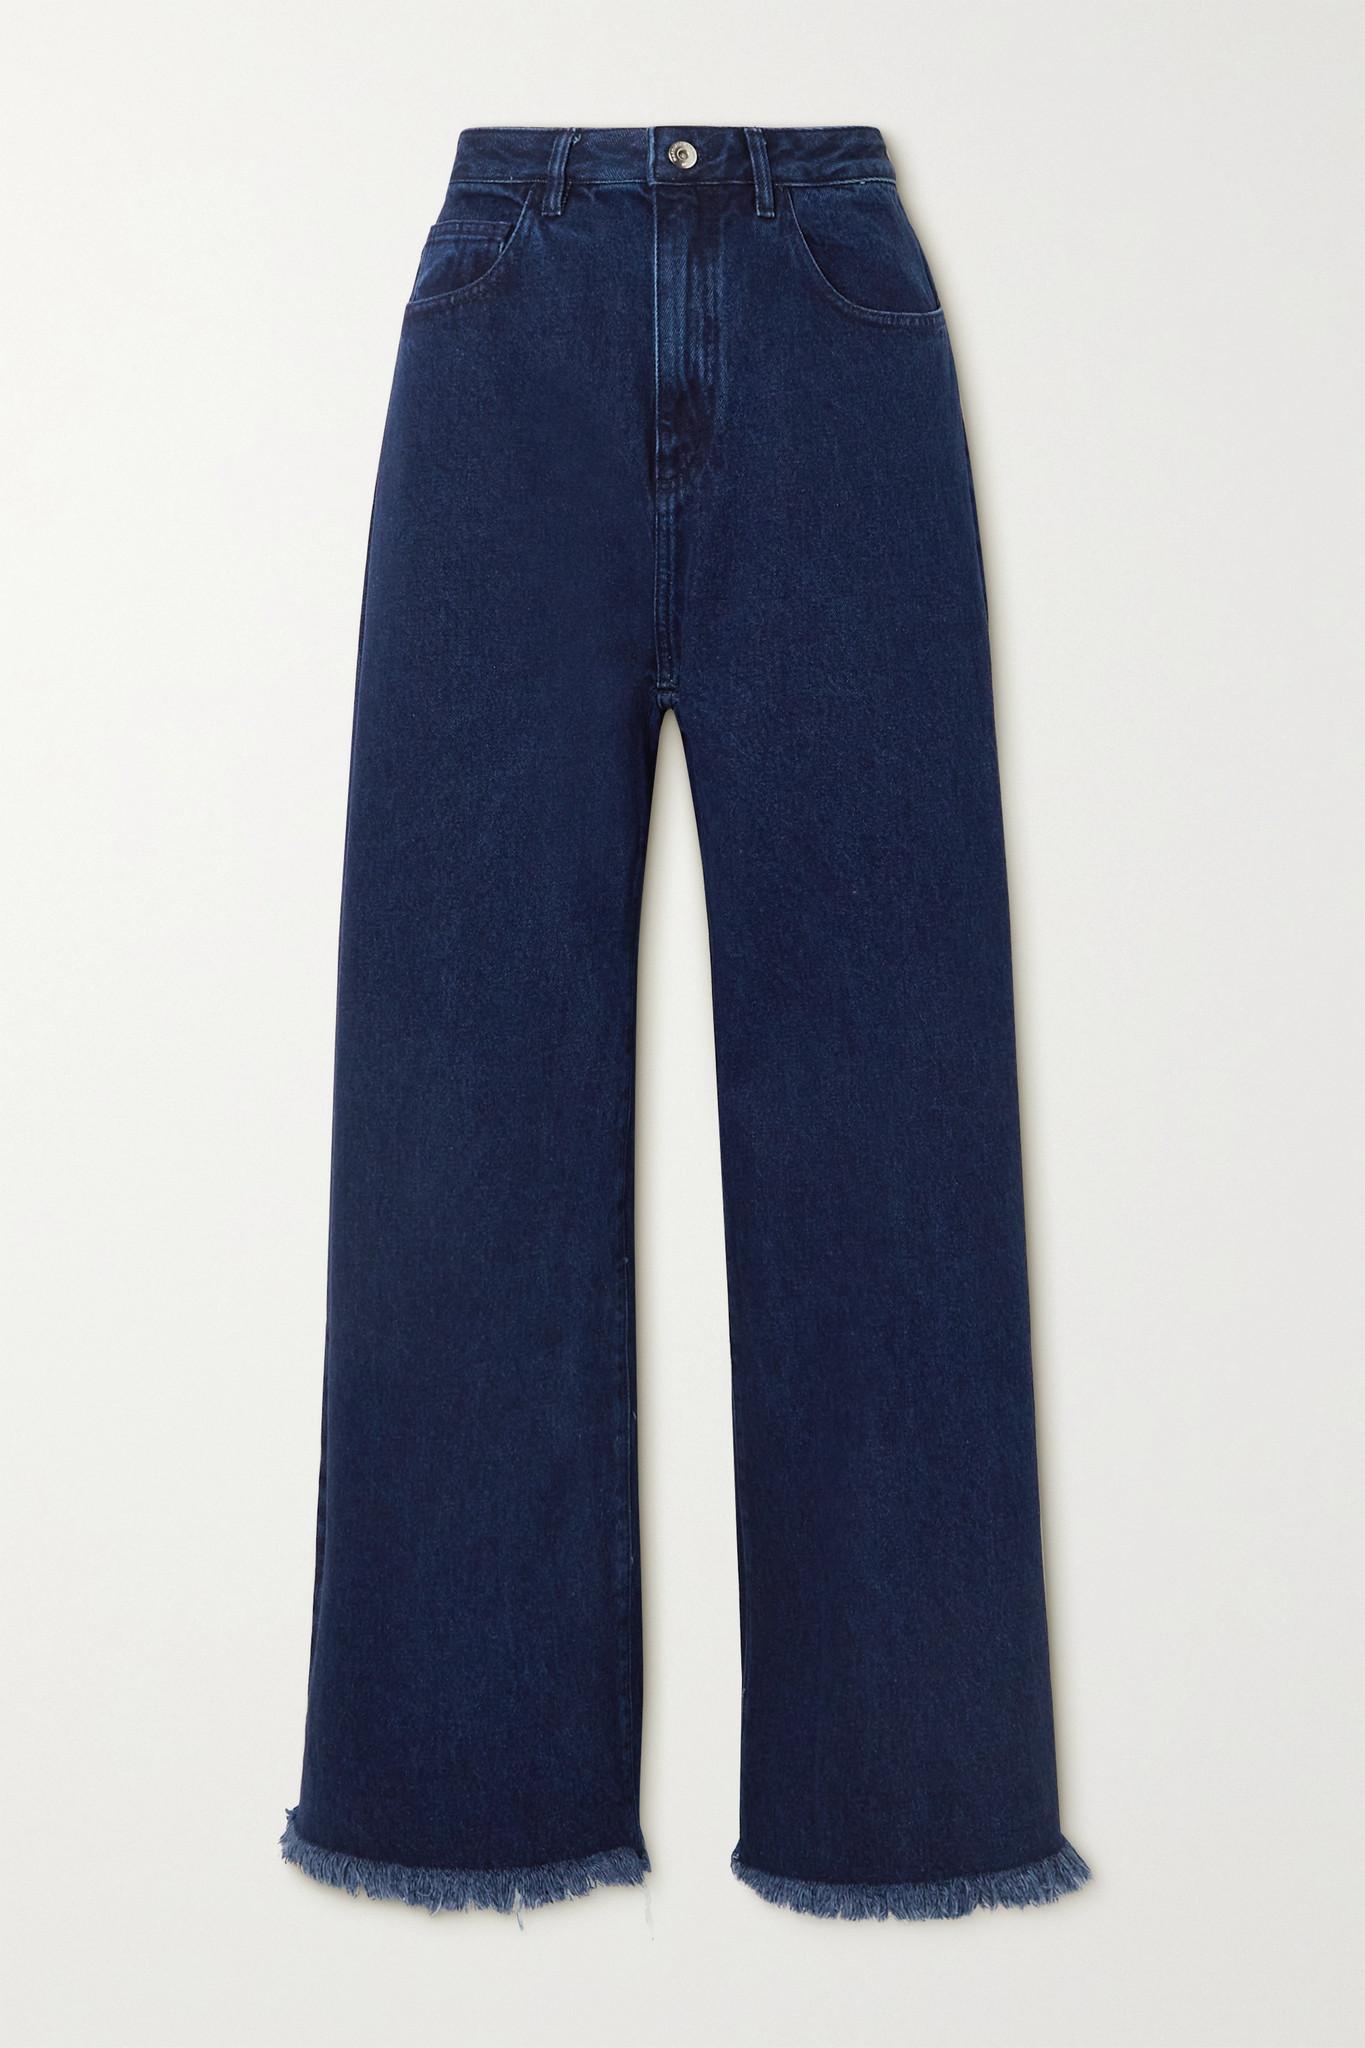 MARQUES' ALMEIDA - Frayed Boyfriend Jeans - Blue - UK6